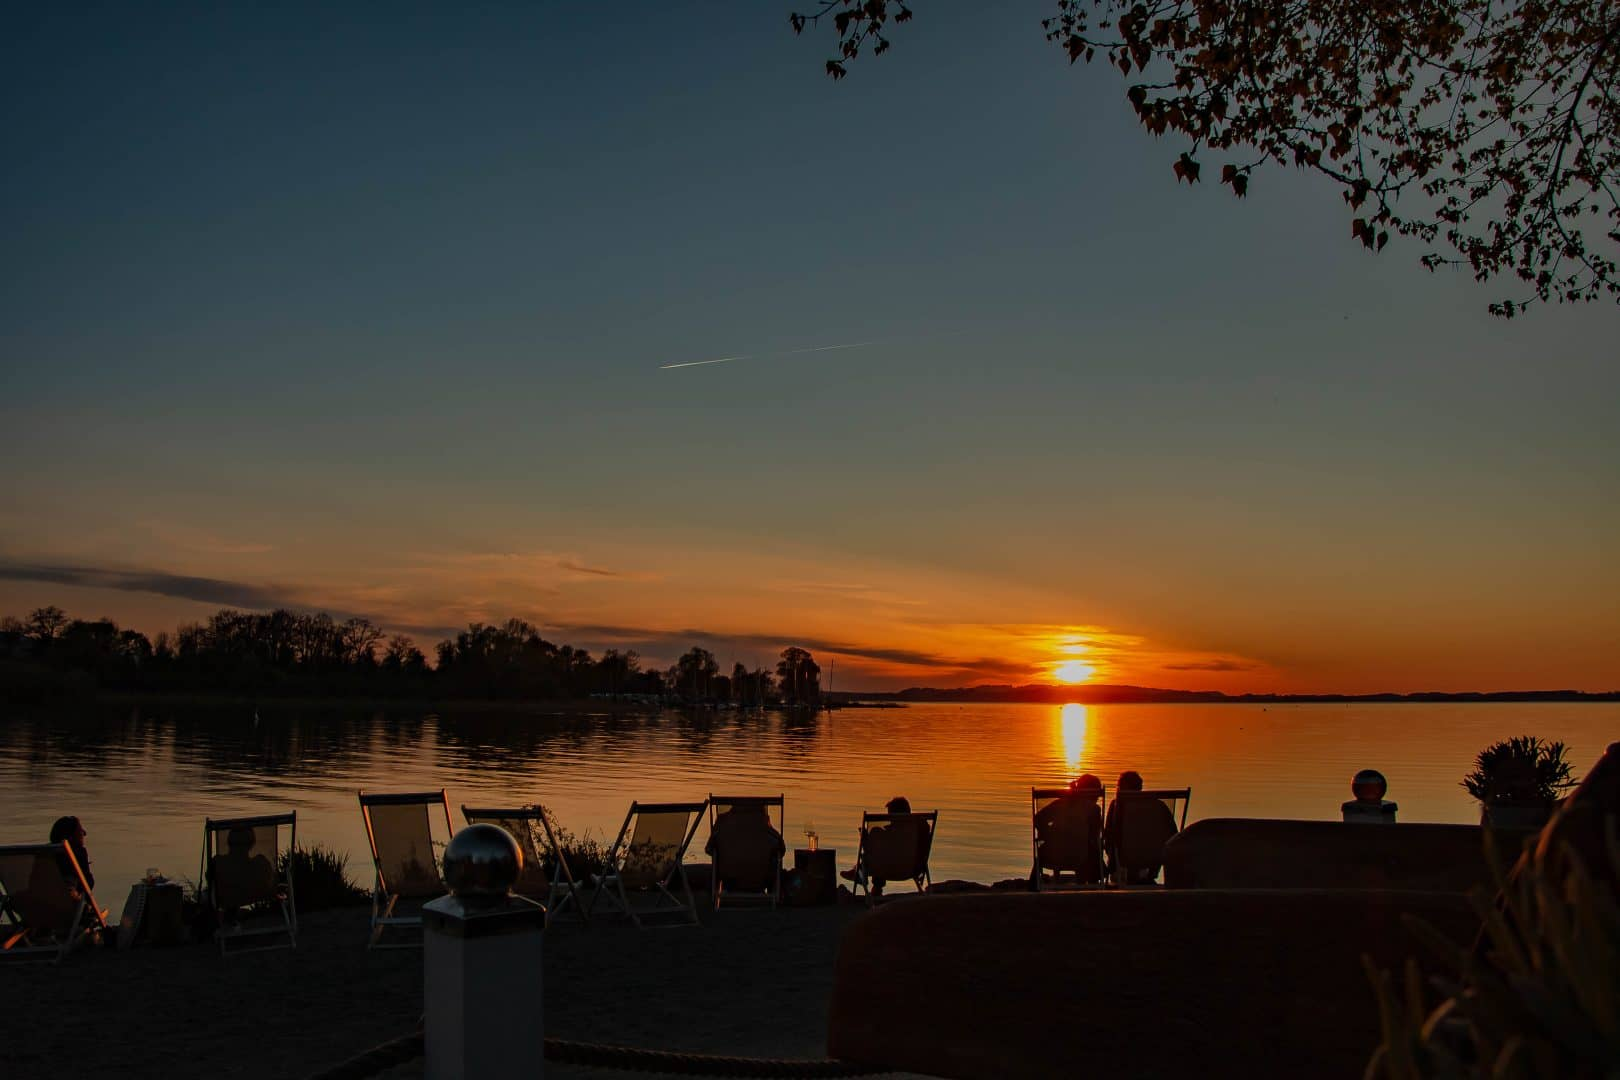 Sonnenuntergang Übersee am Chiemsee - von Andrea Seiss